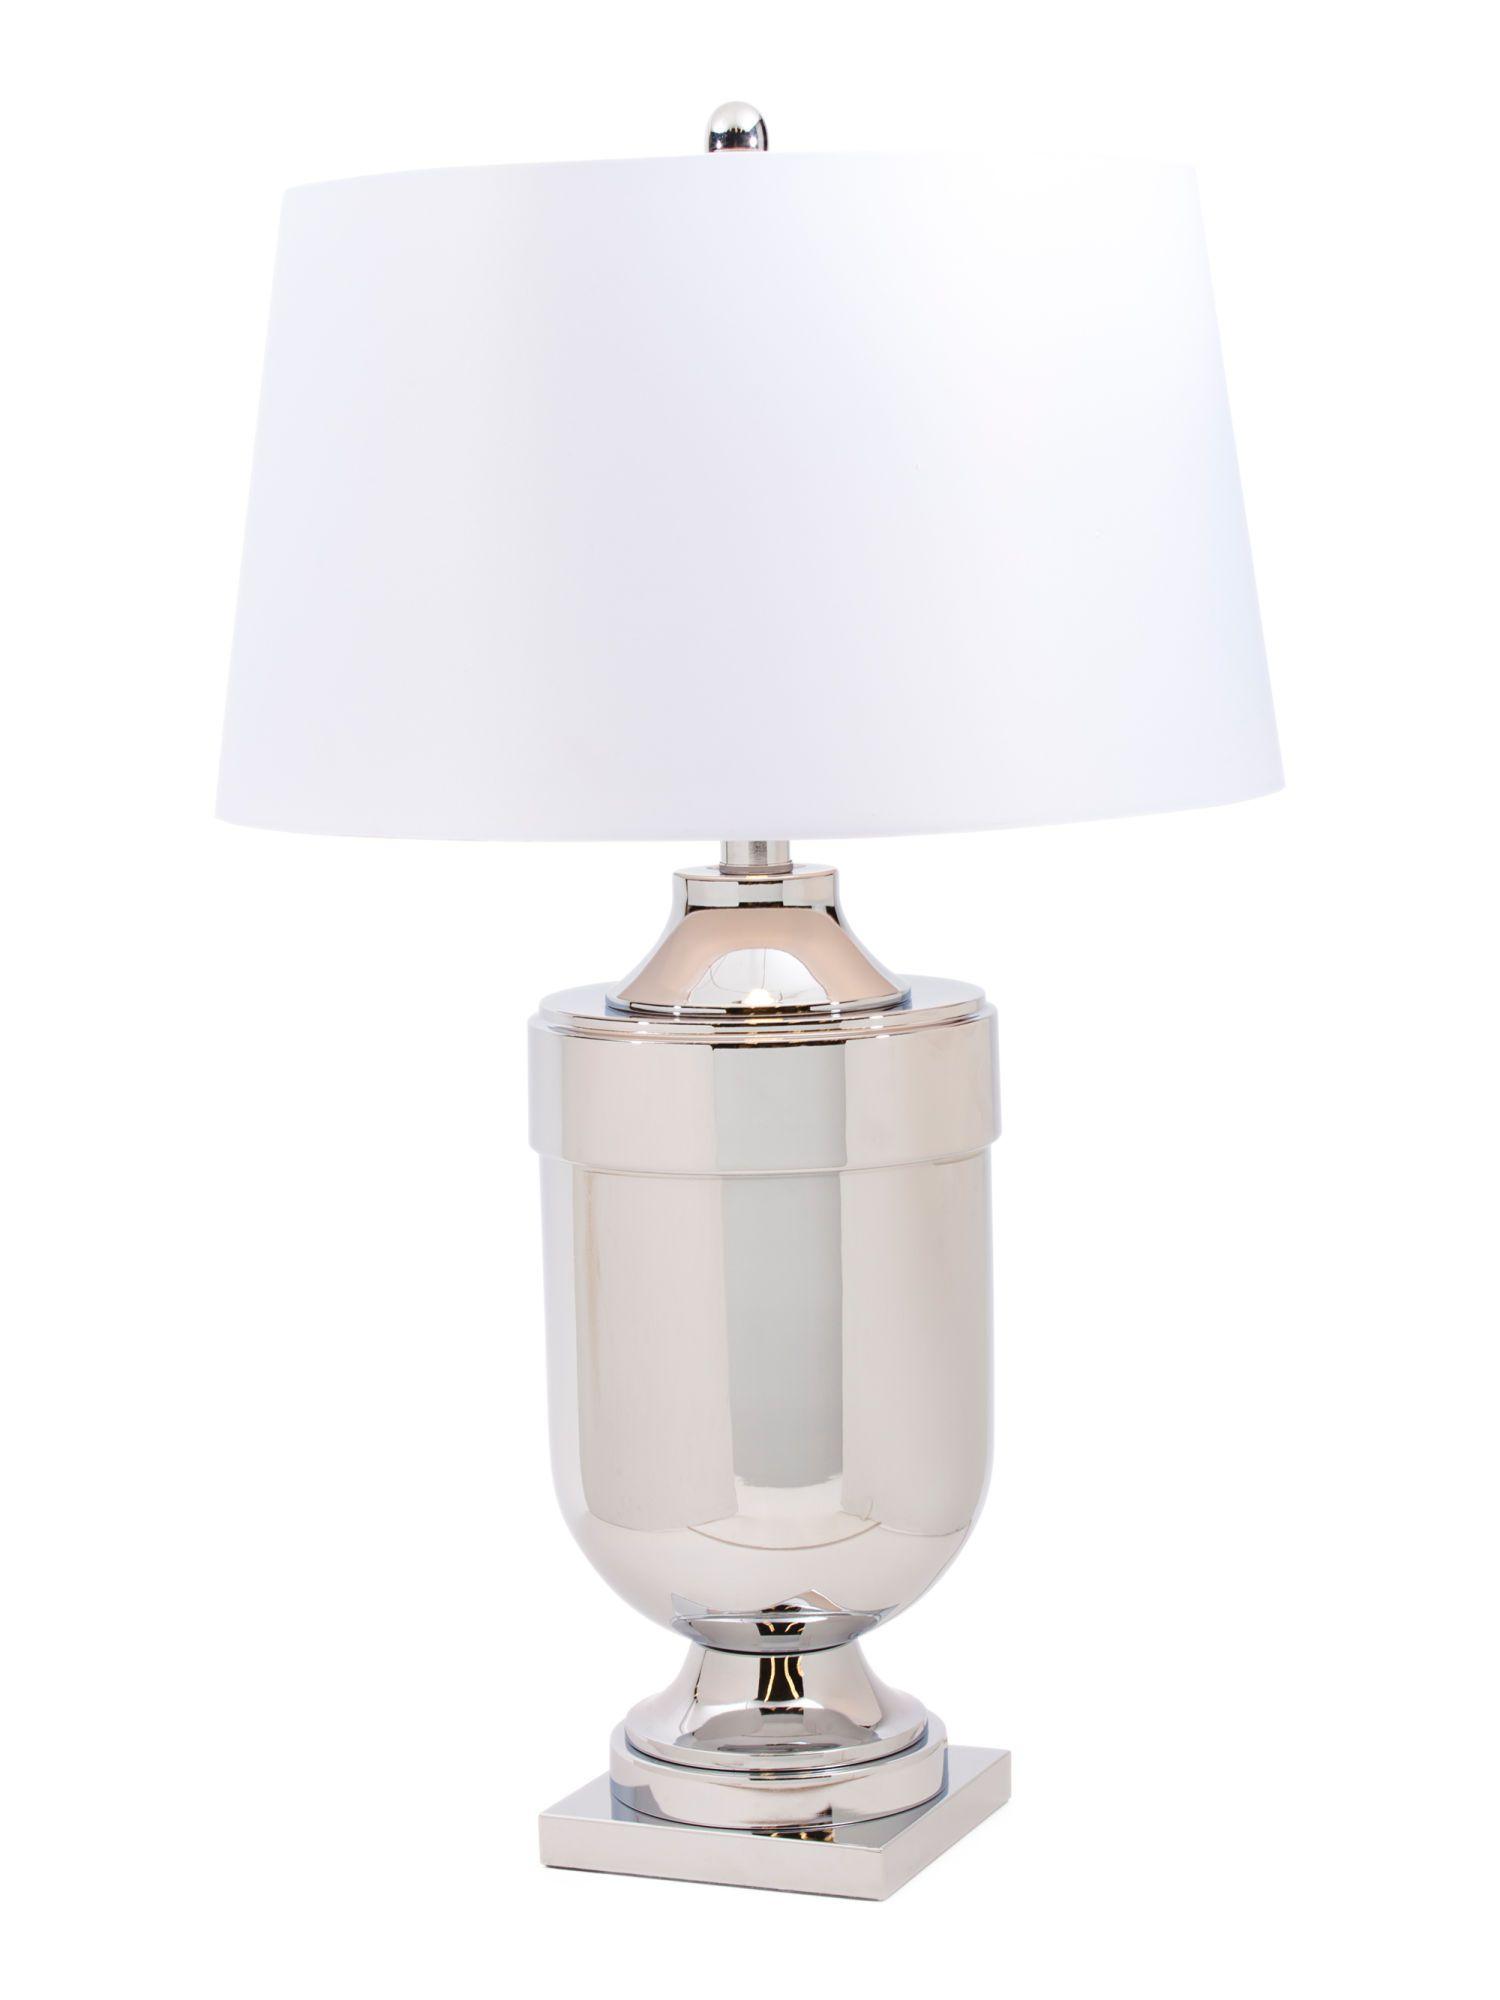 Simon Blake Dj Lamp 69 99